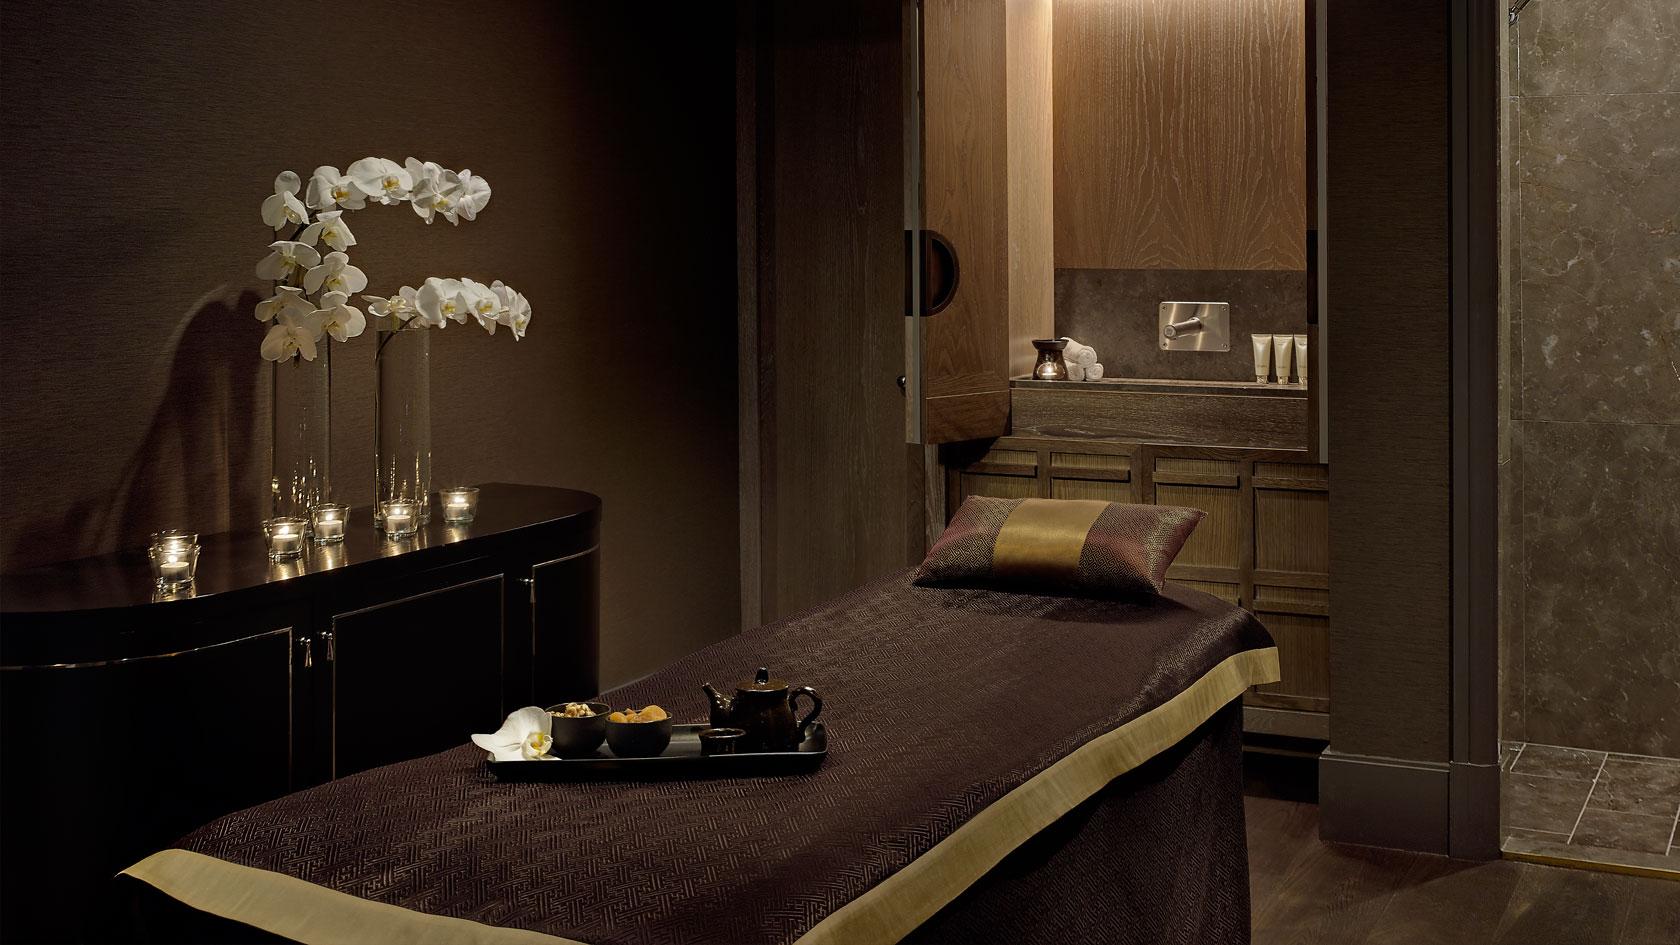 tlsyd-wellness-treatment-room-1680-945